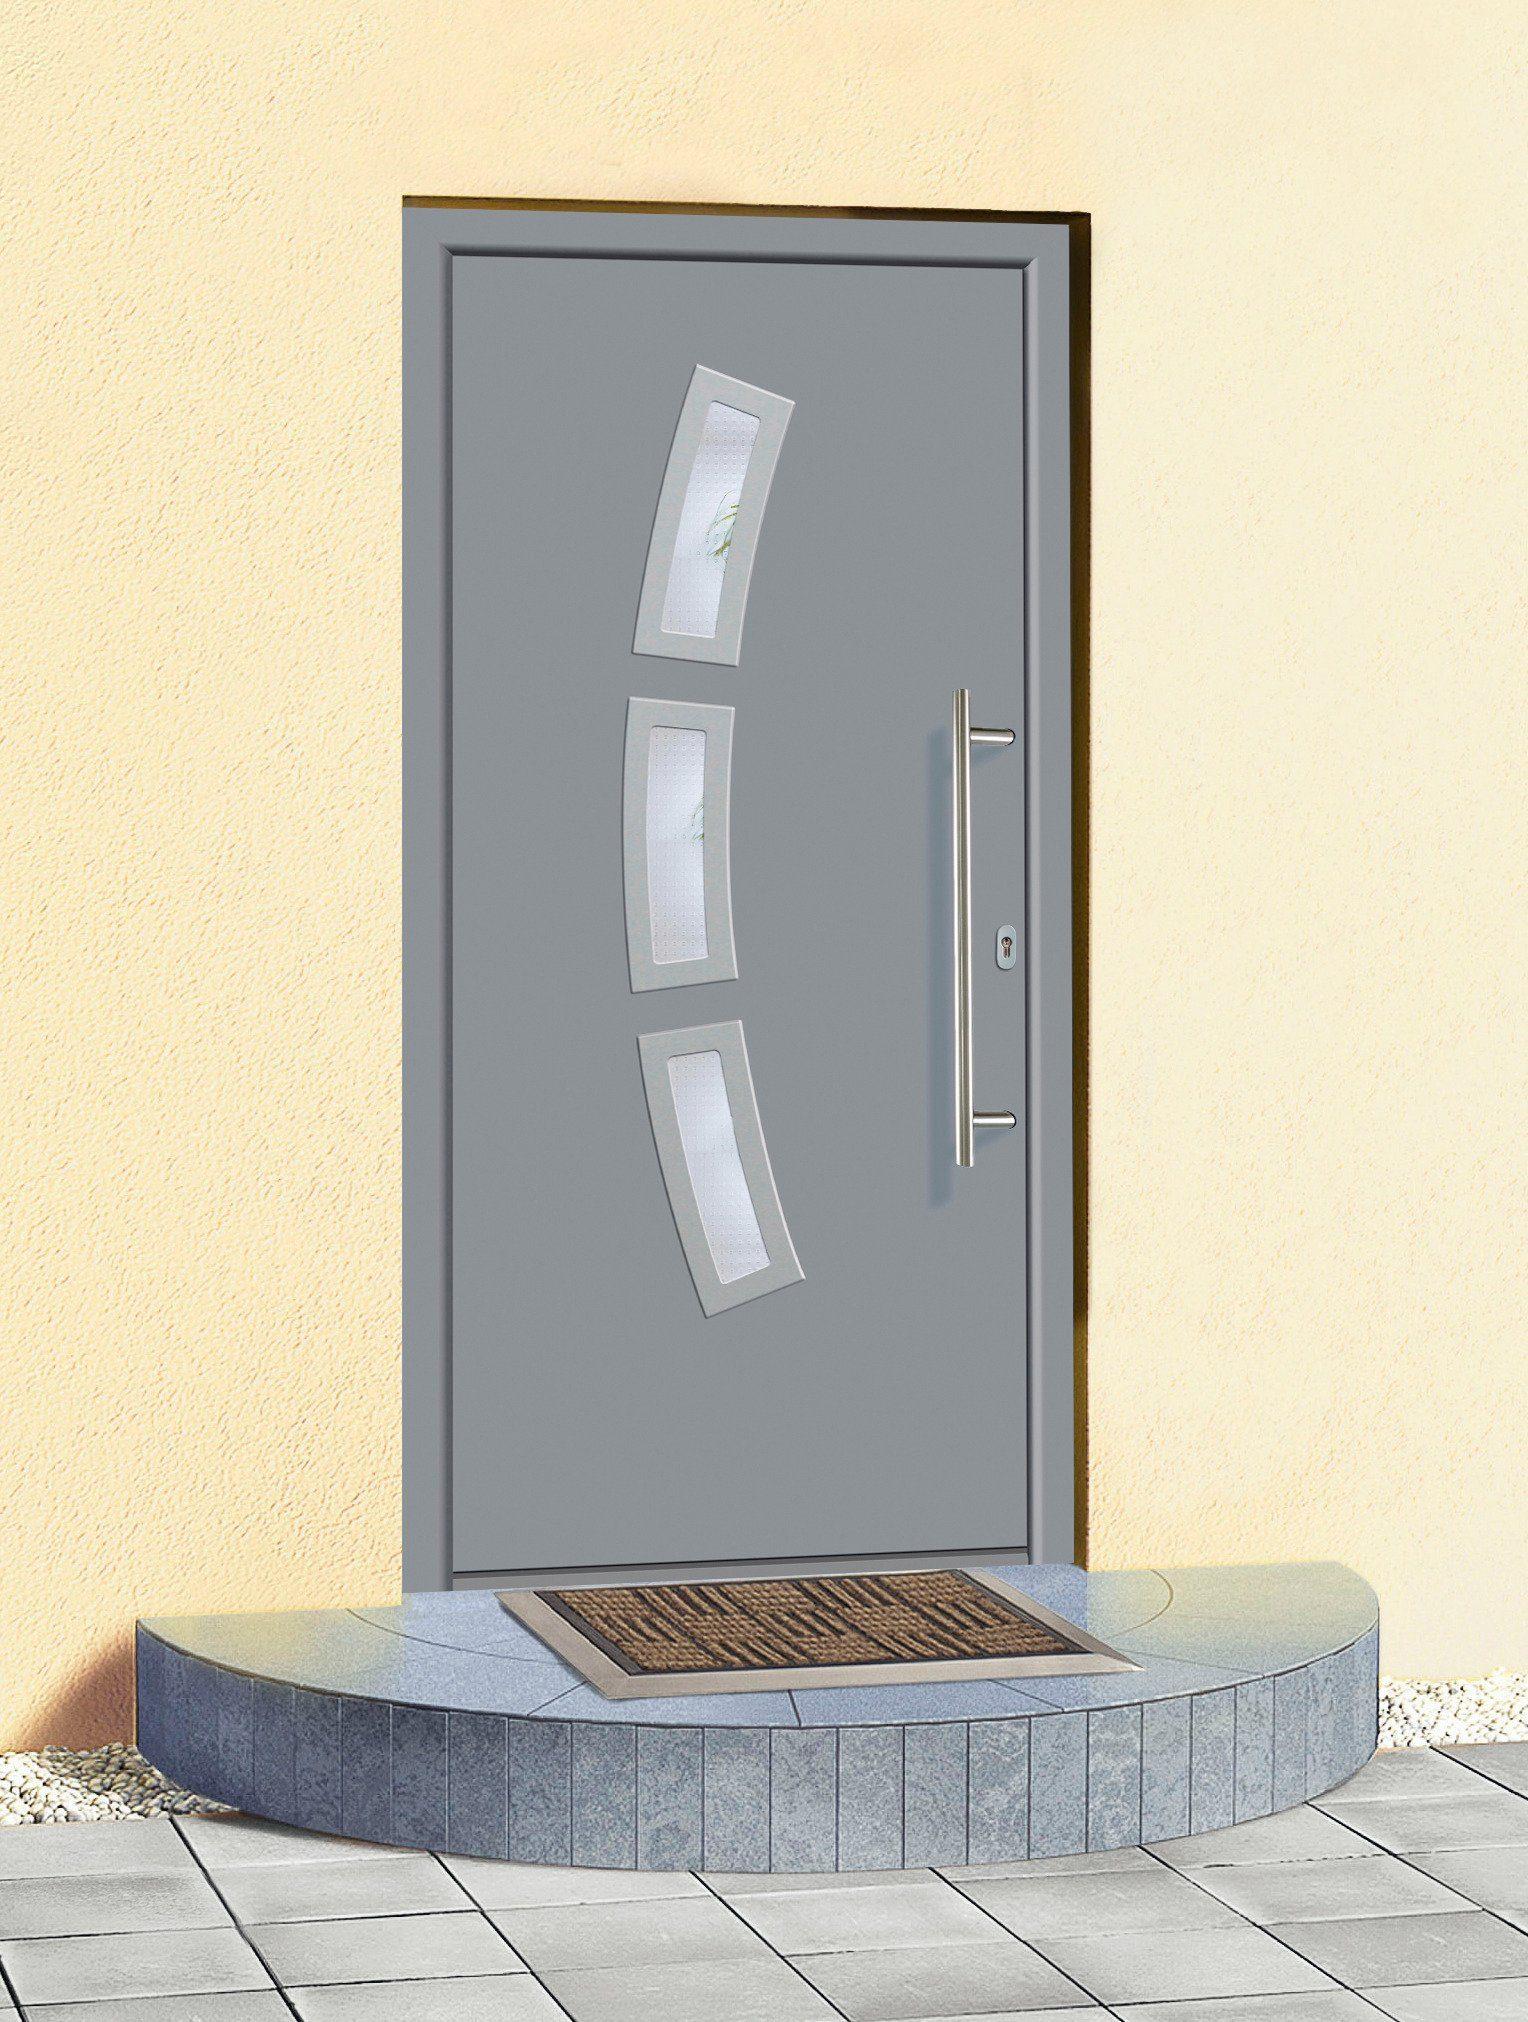 KM MEETH ZAUN GMBH Aluminium-Haustür »A07«, BxH: 98x208 cm, grau, in 2 Varianten